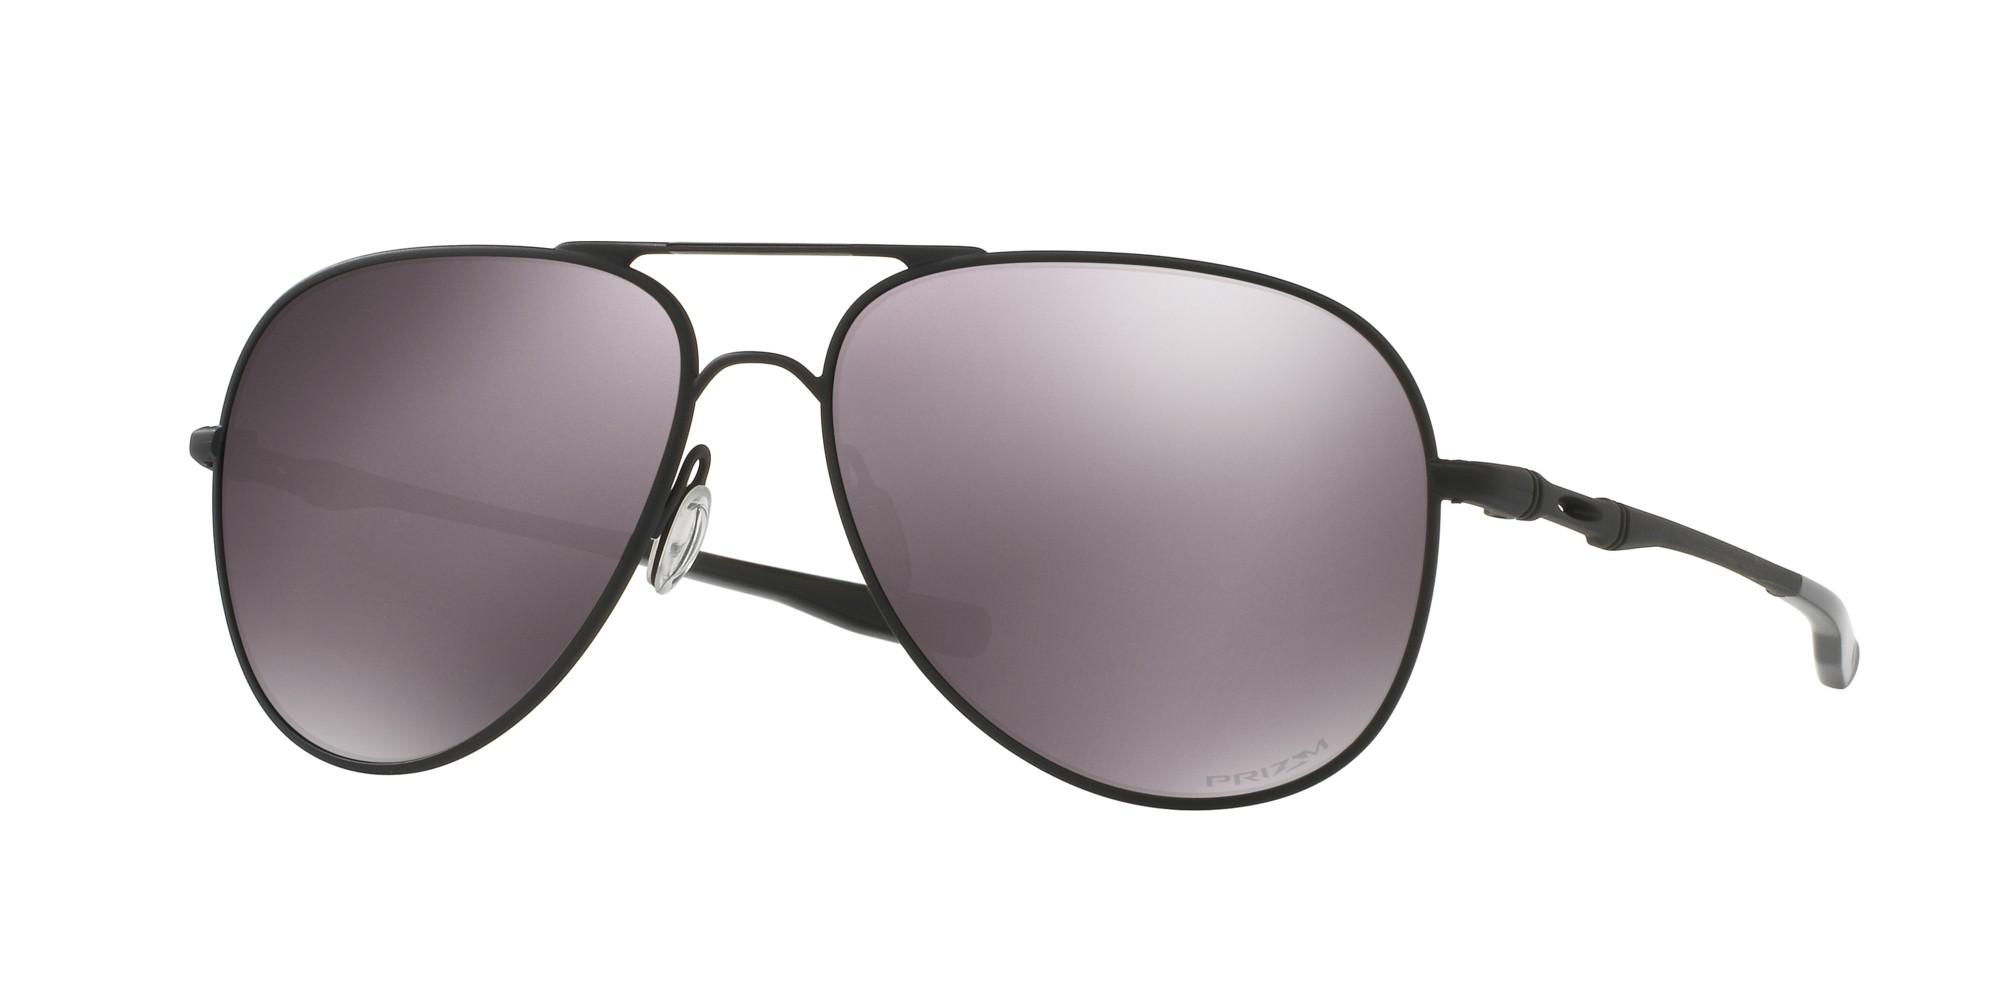 c7e0a3eea1f Authentic Oakley Elmont M And L Prescription Sunglasses